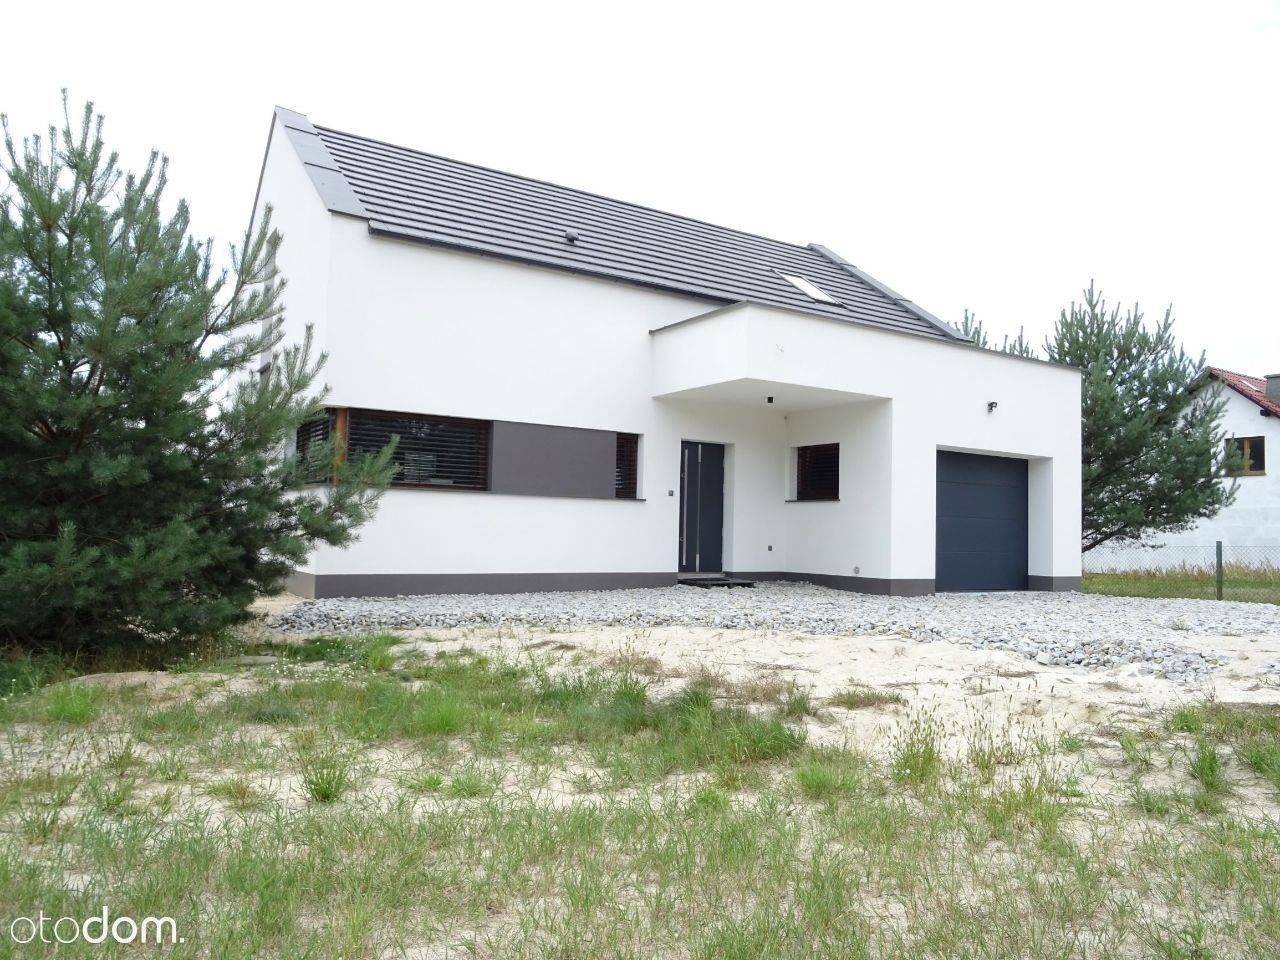 Dom na sprzedaż, Brzeg, brzeski, opolskie - Foto 1